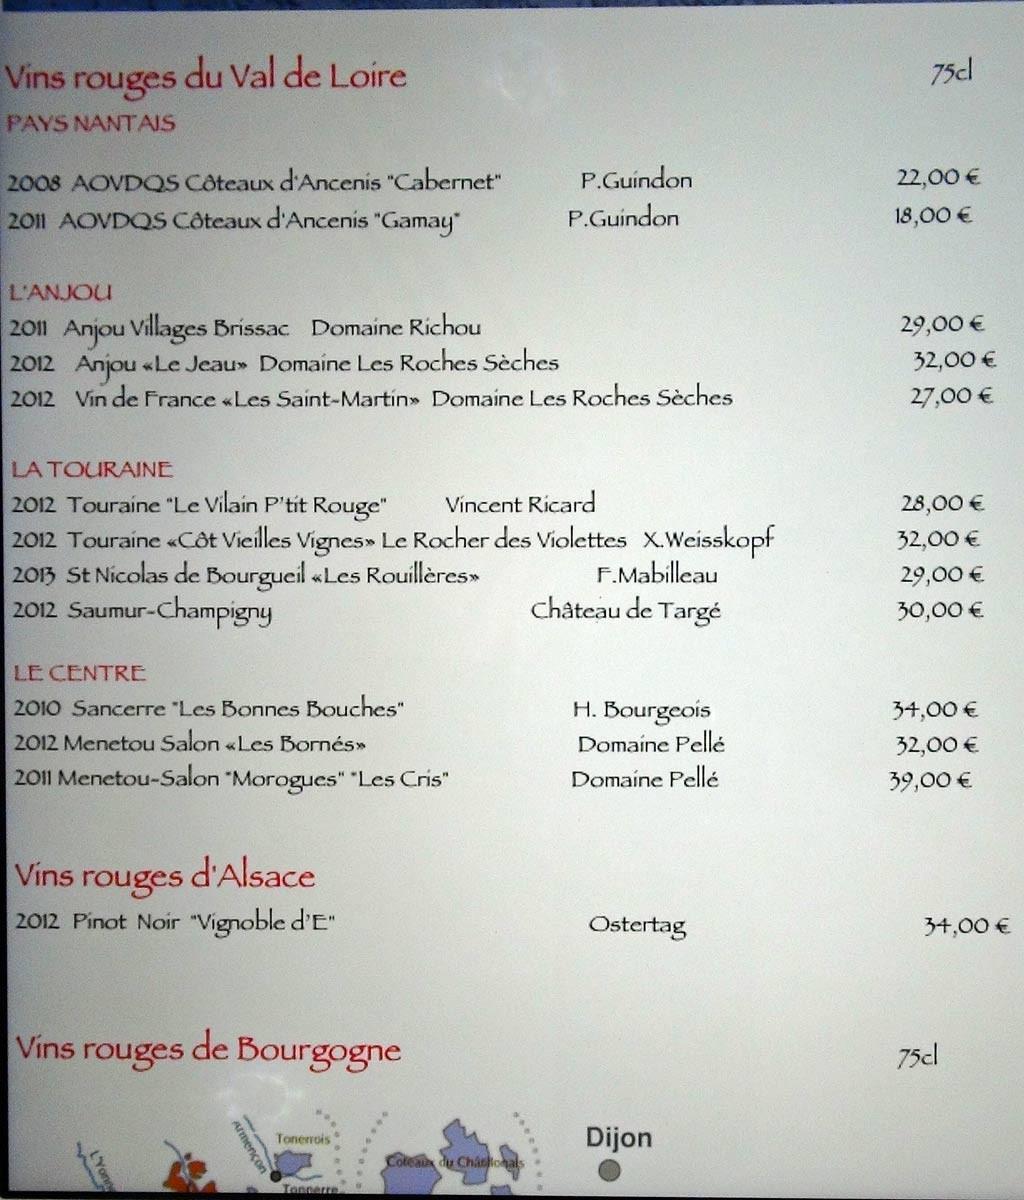 Vins rouges du Val de Loire & d'Alsace